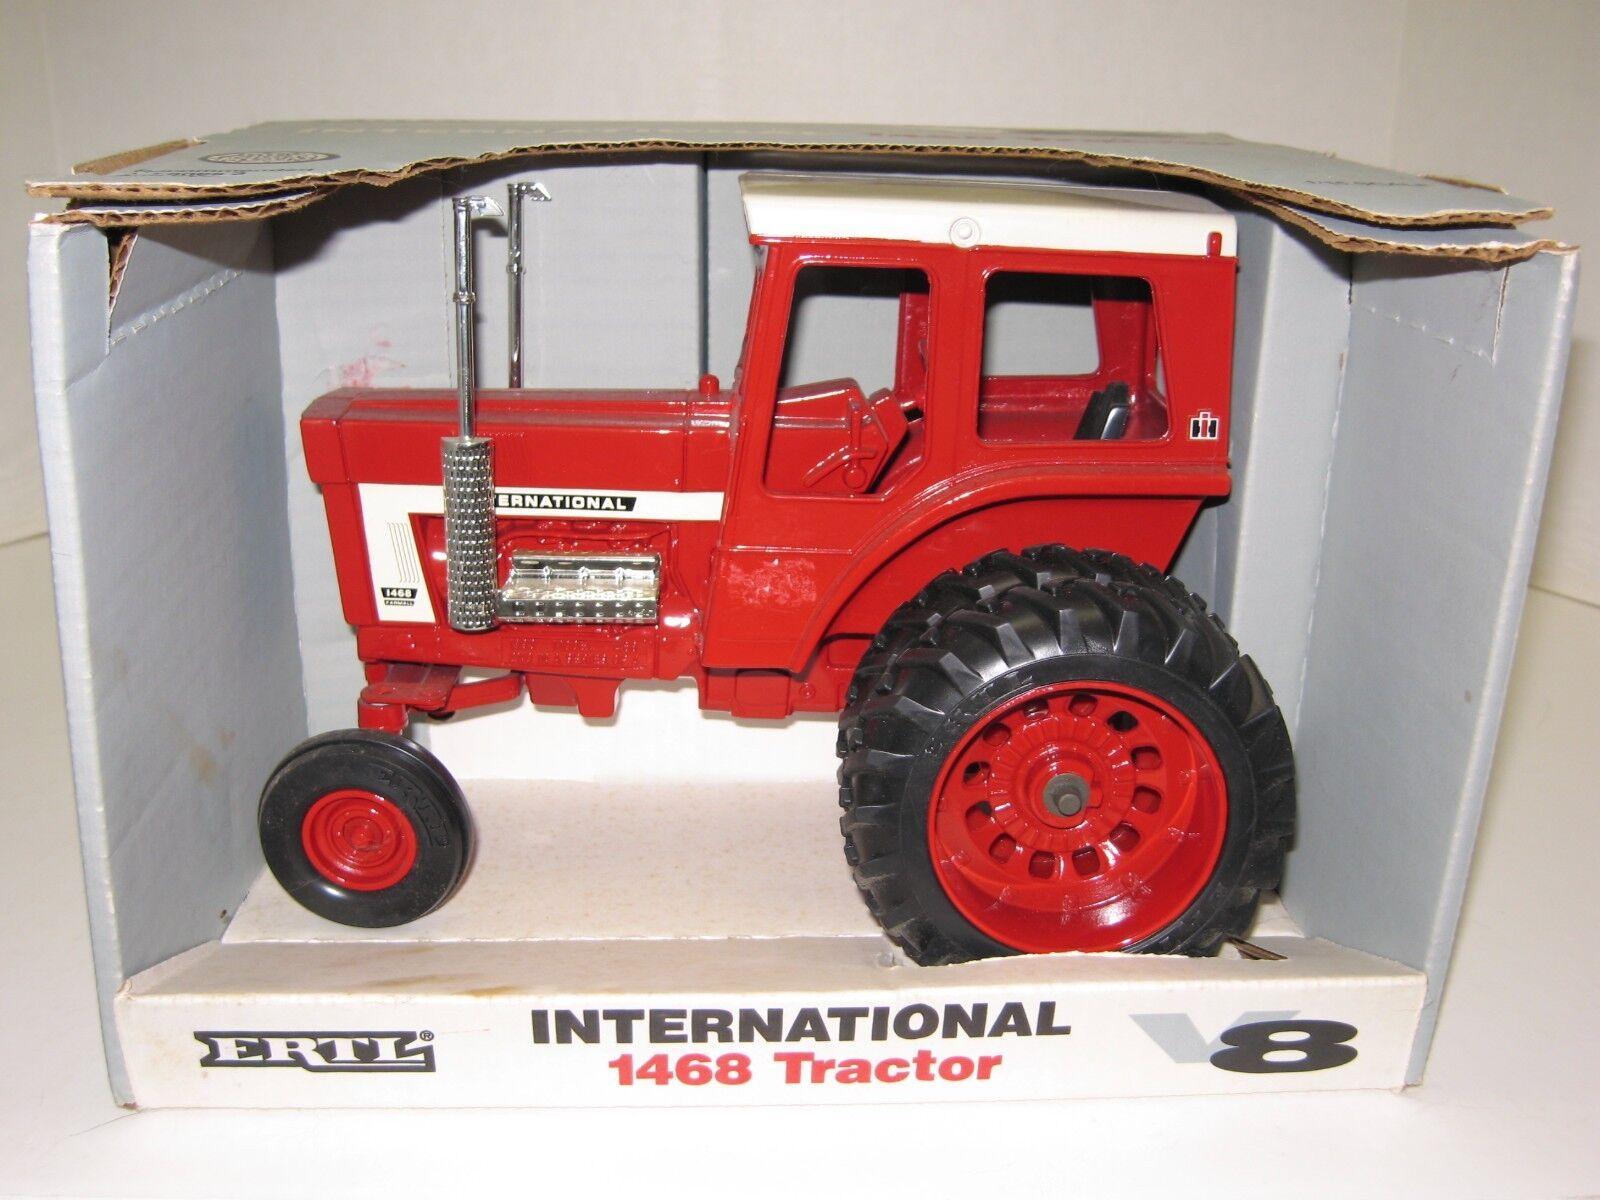 1 16 International 1468 V-8 avec  DUALS nouveau in Box LIVRAISON GRATUITE  grand choix et livraison rapide